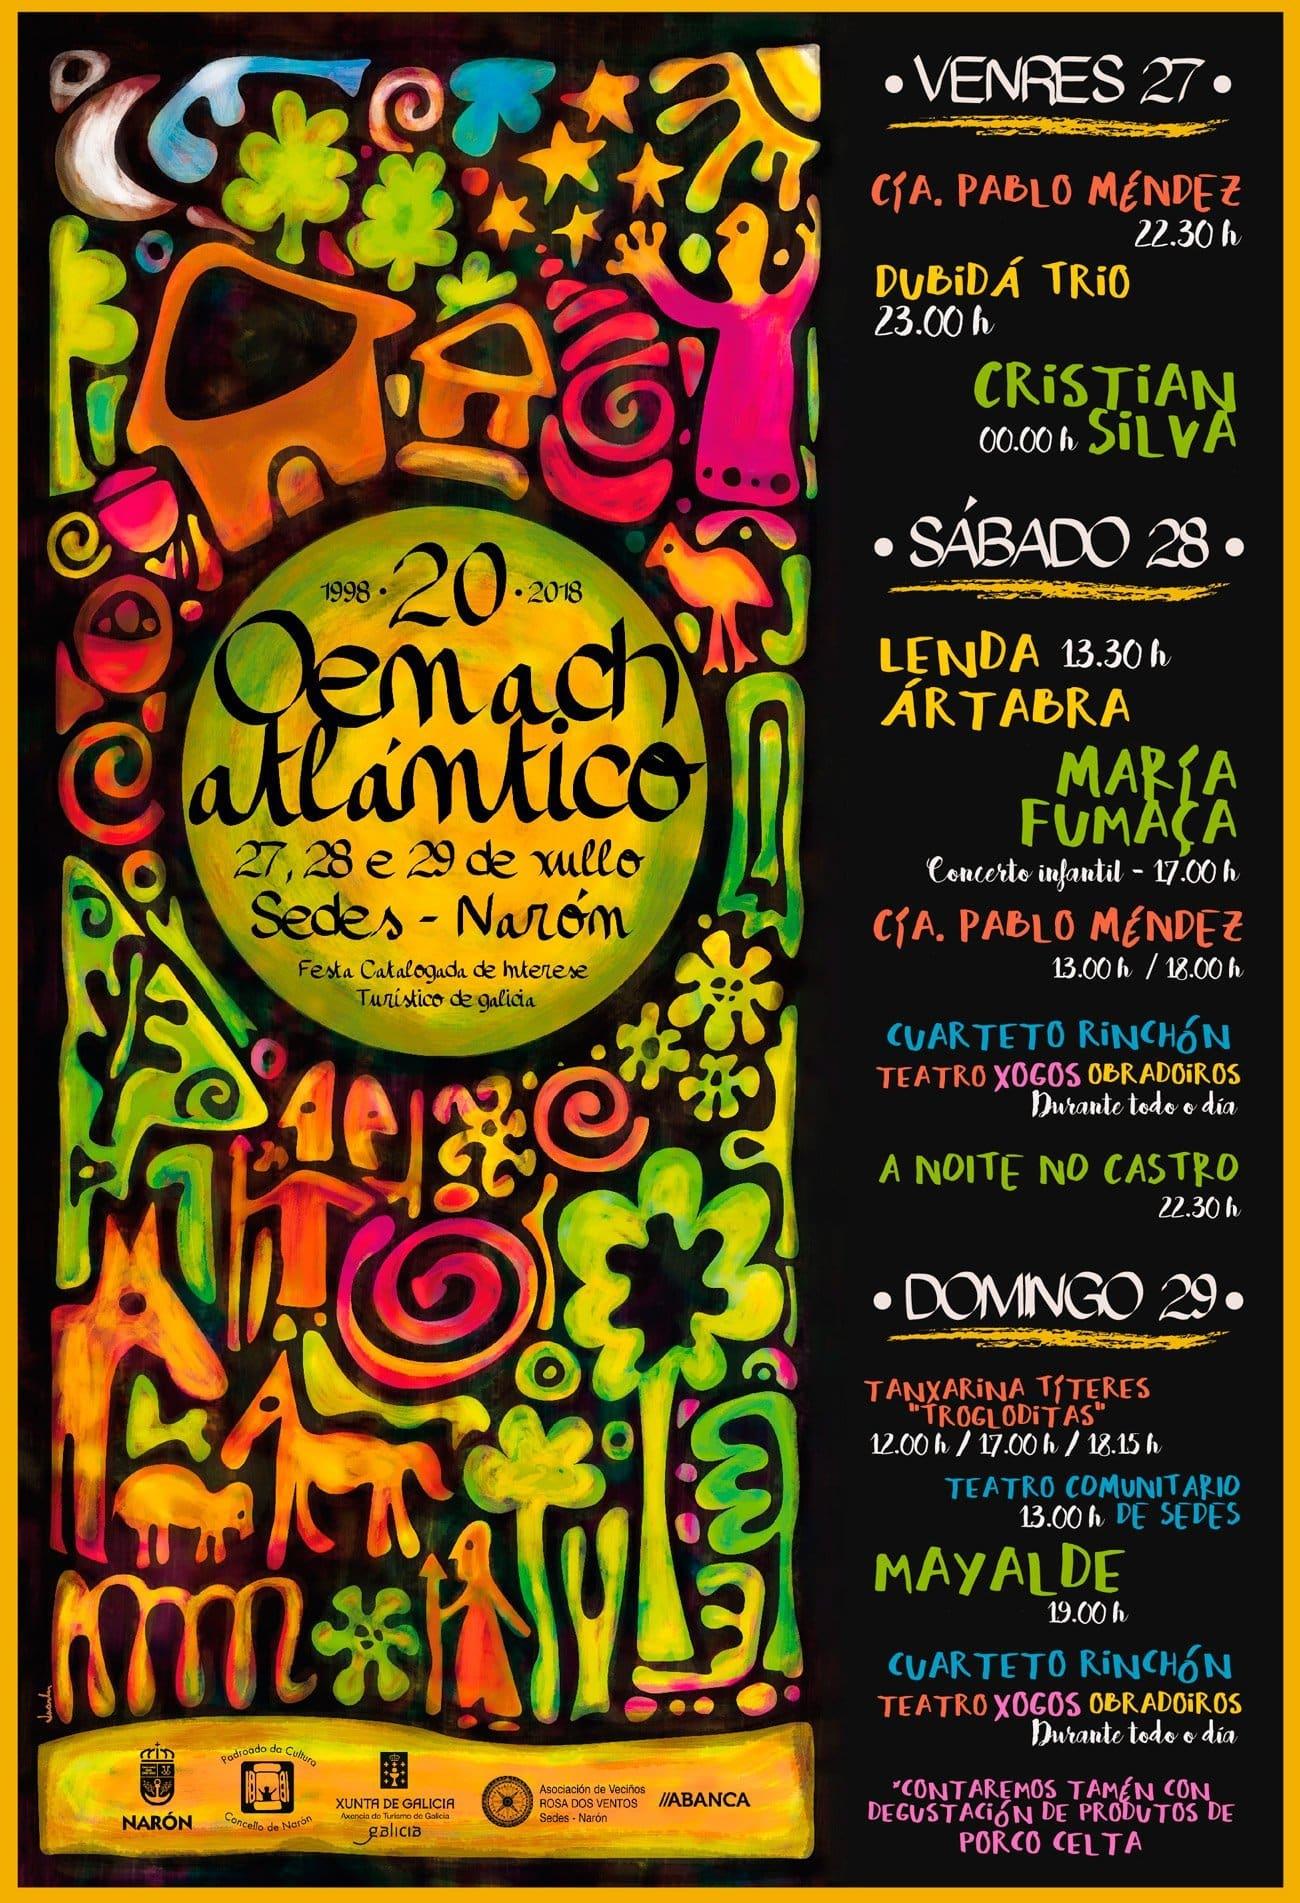 20 aniversario do Oenach Atlántico